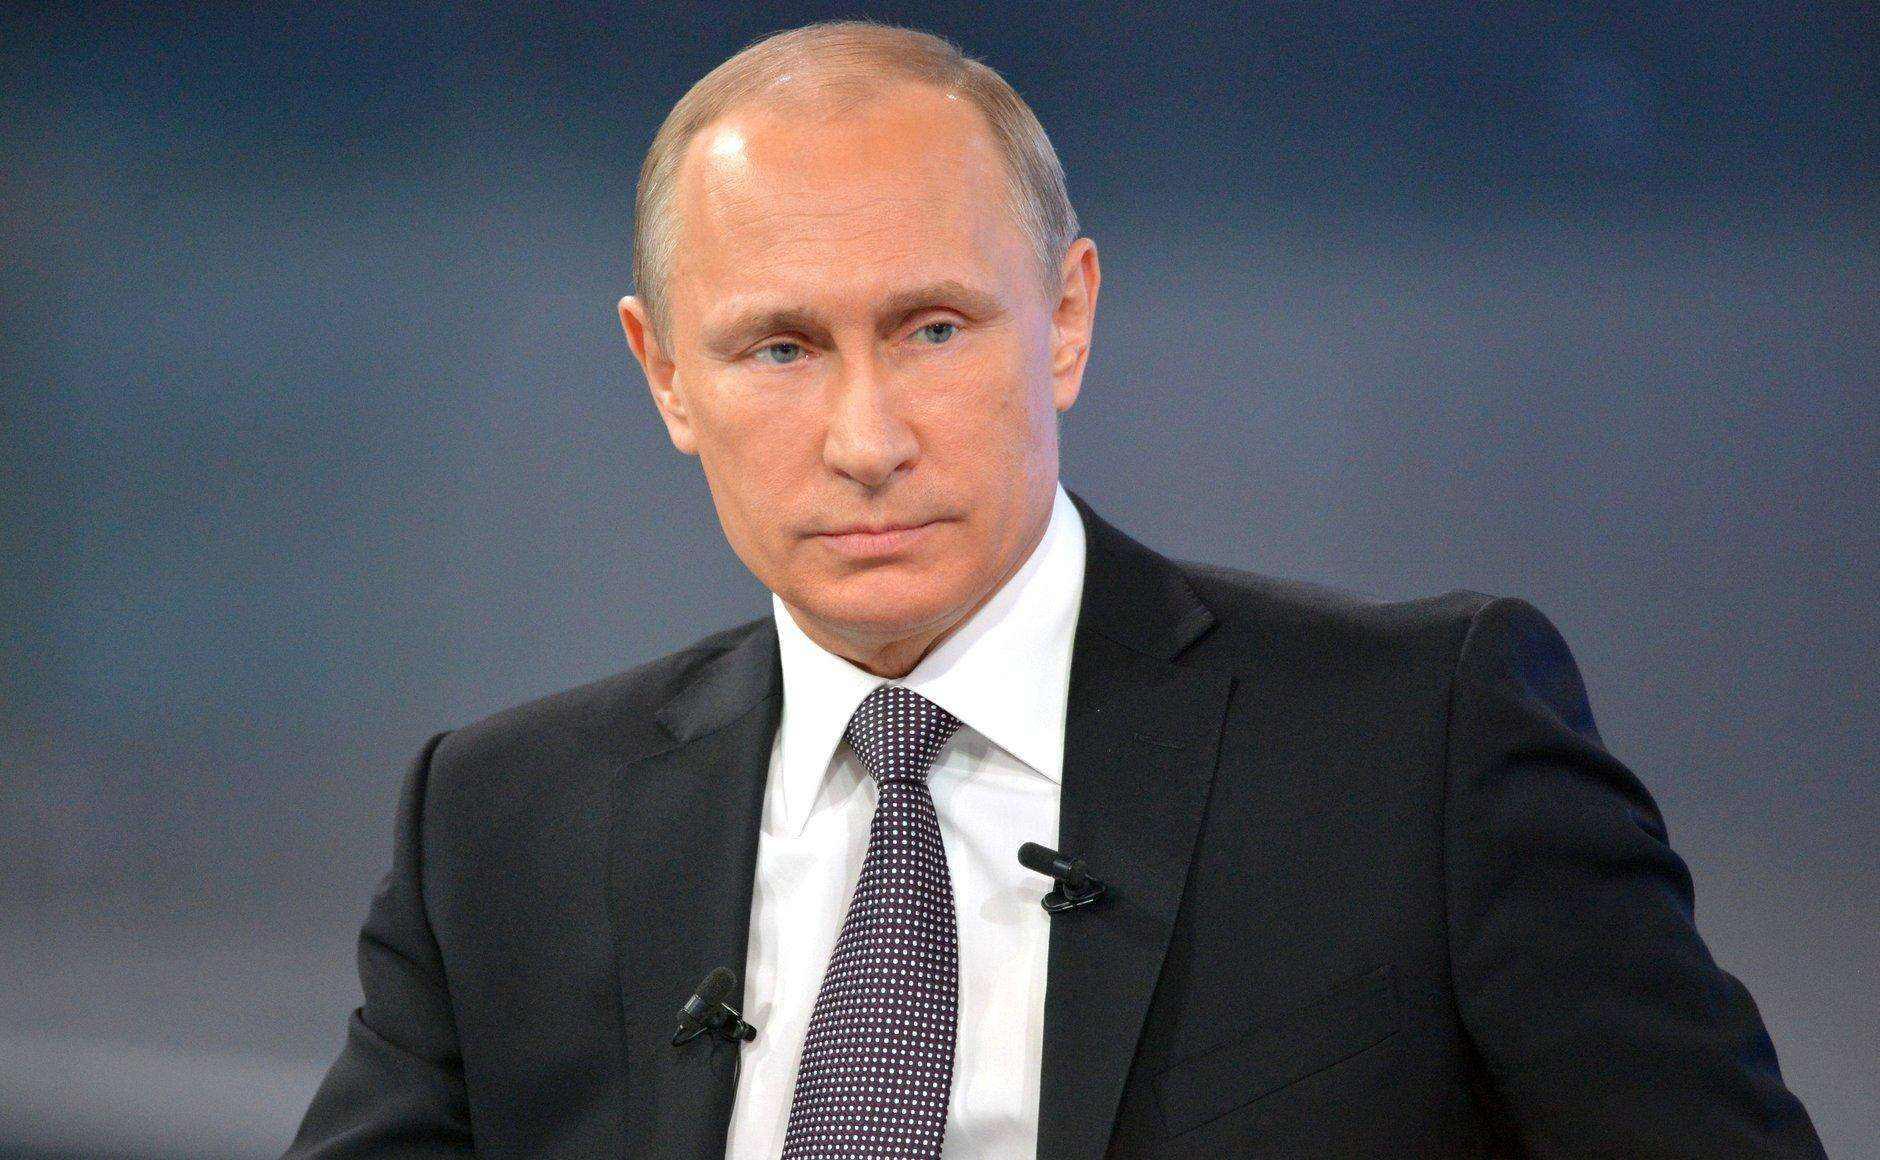 俄羅斯立場明確!關鍵時刻普京表明態度,鄰國終於可以松口氣瞭-圖5